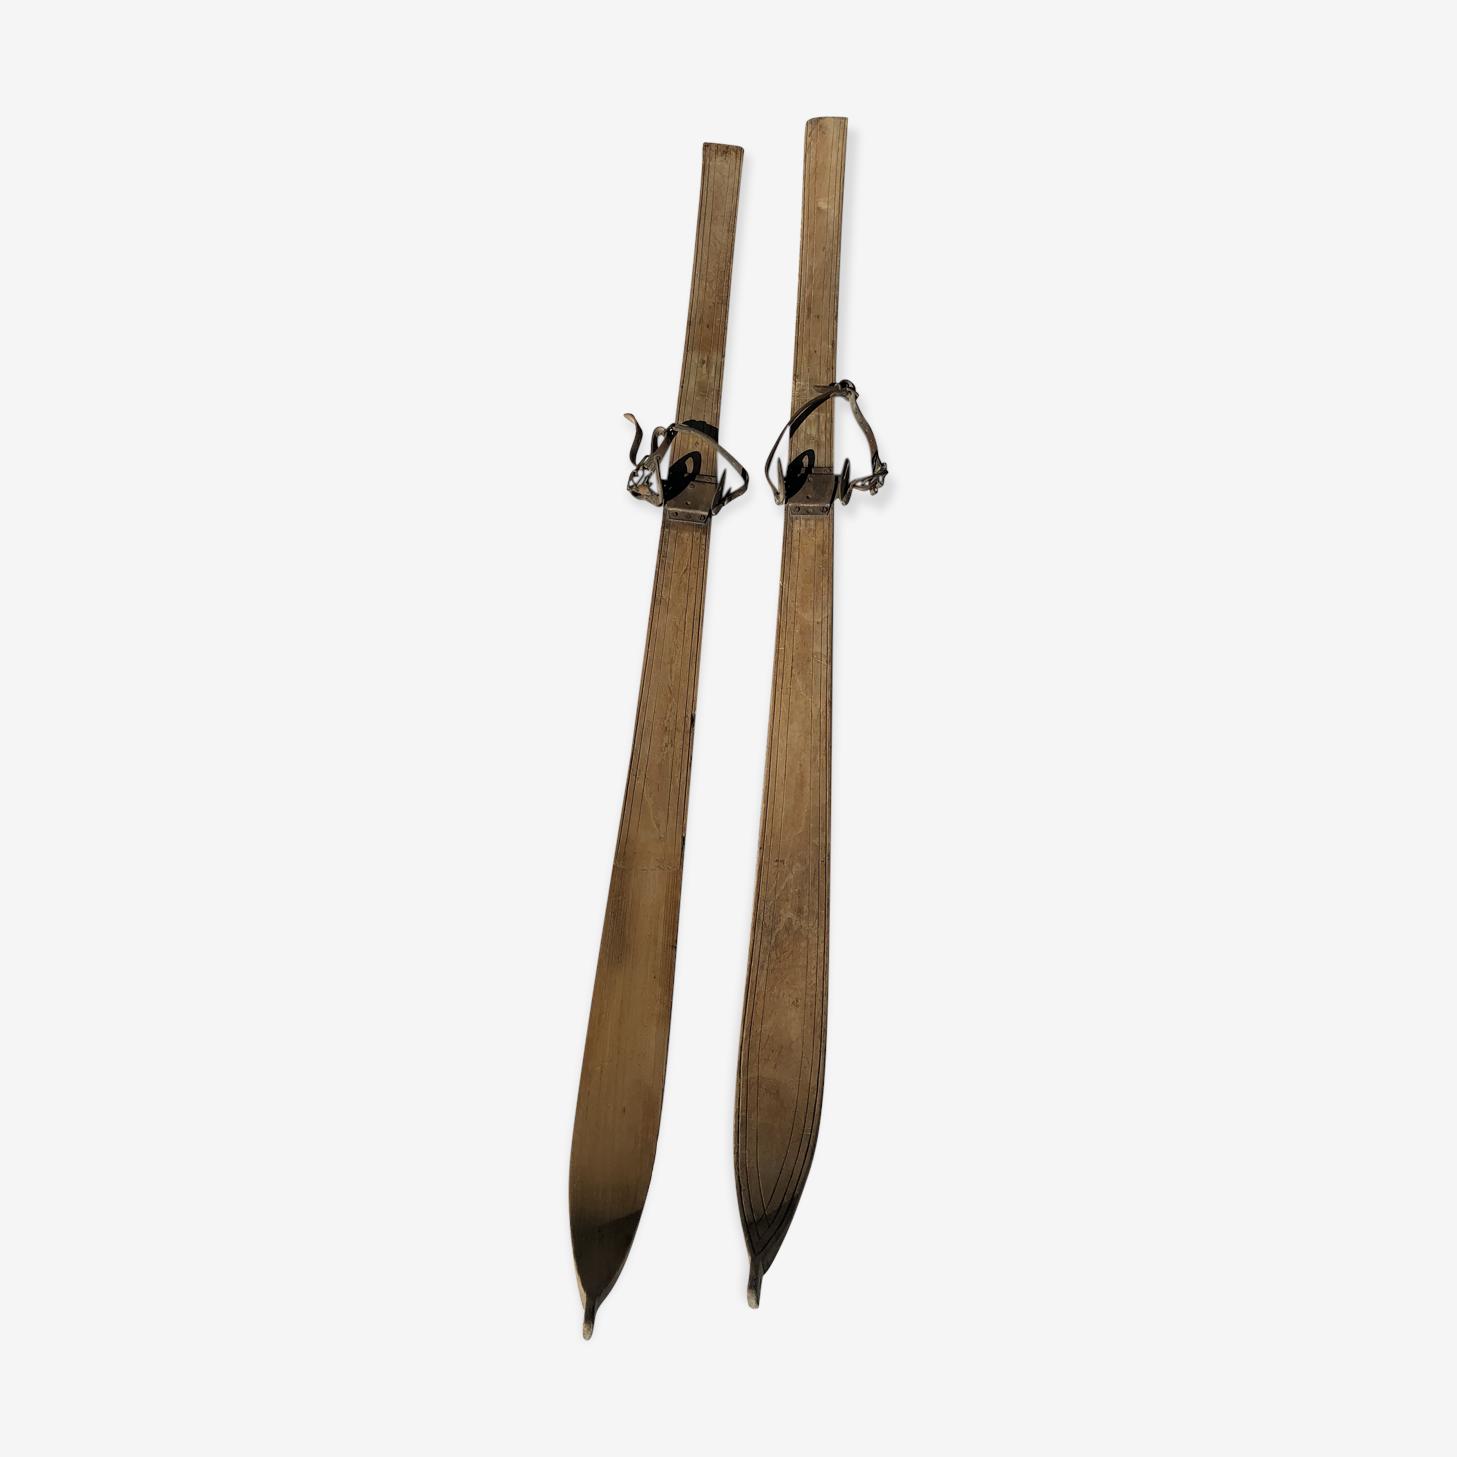 Paire de skis en bois vintage